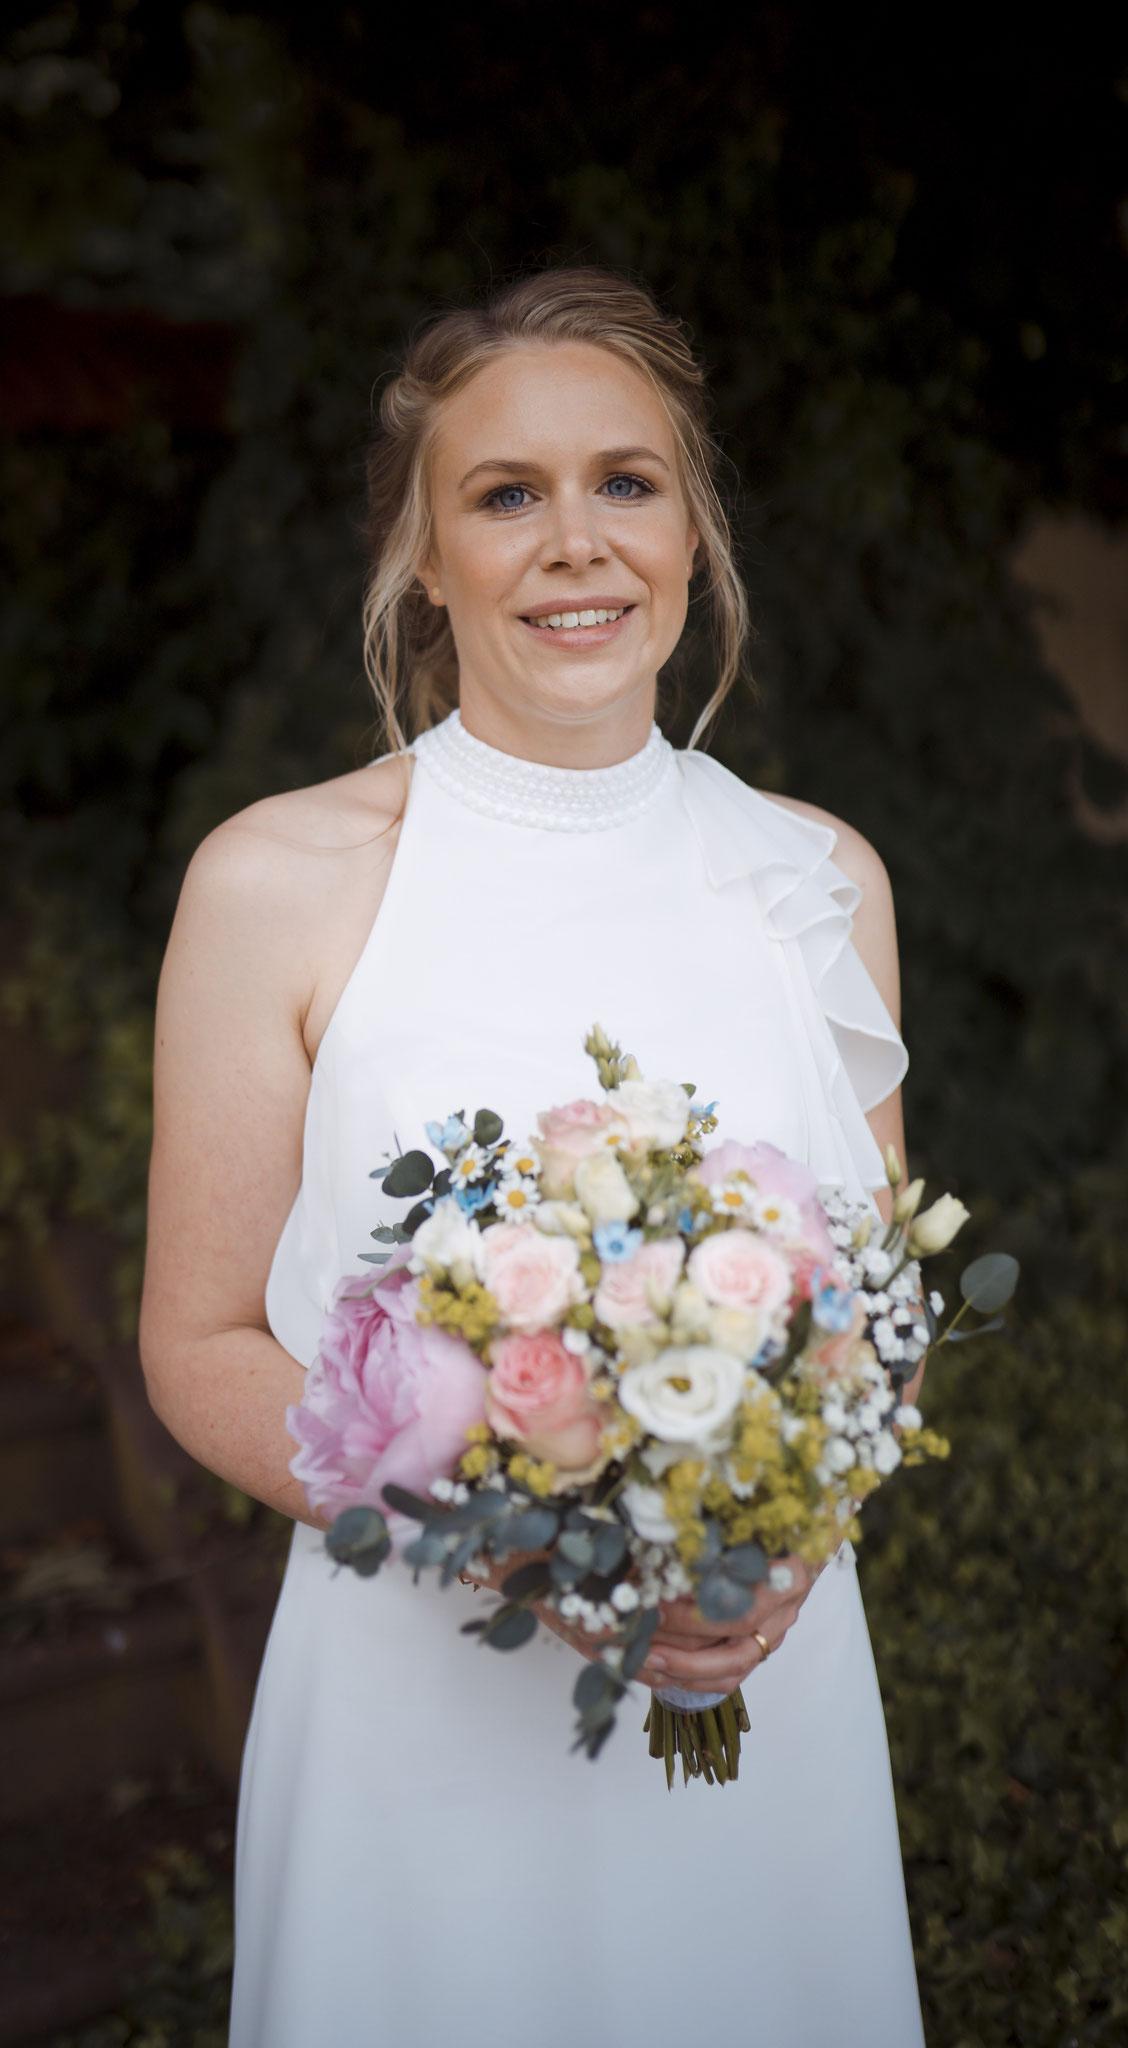 wunderschöne Braut mit Make-up und Haarstyling Foto by Nicole Haines Fotografie